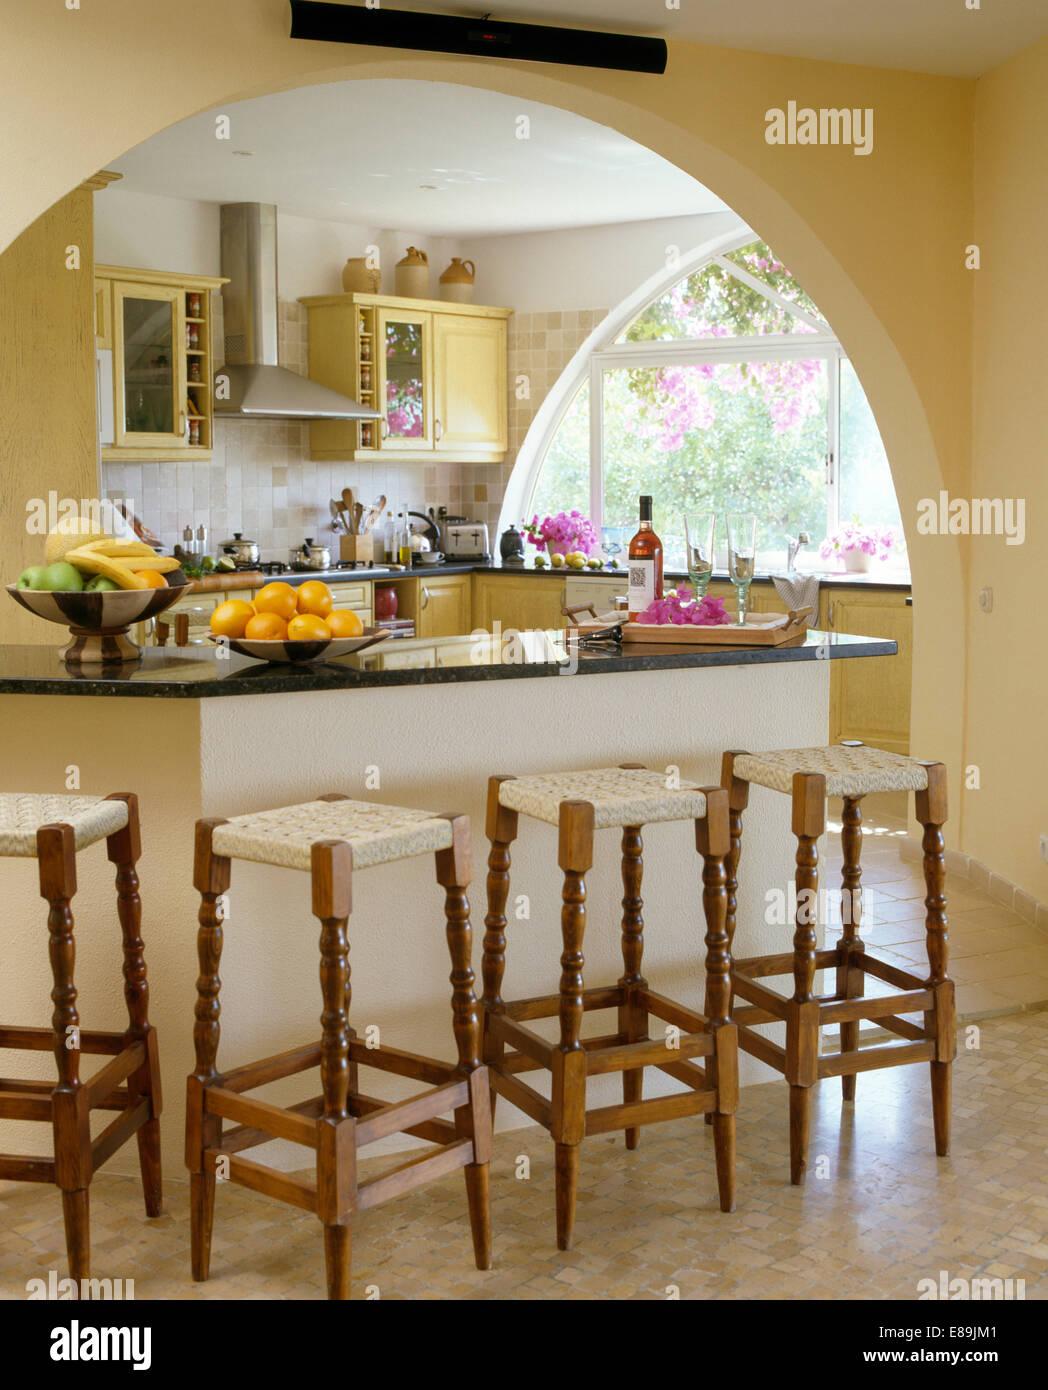 Sgabelli in legno per cucina ikea sgabelli cucina sgabelli ikea